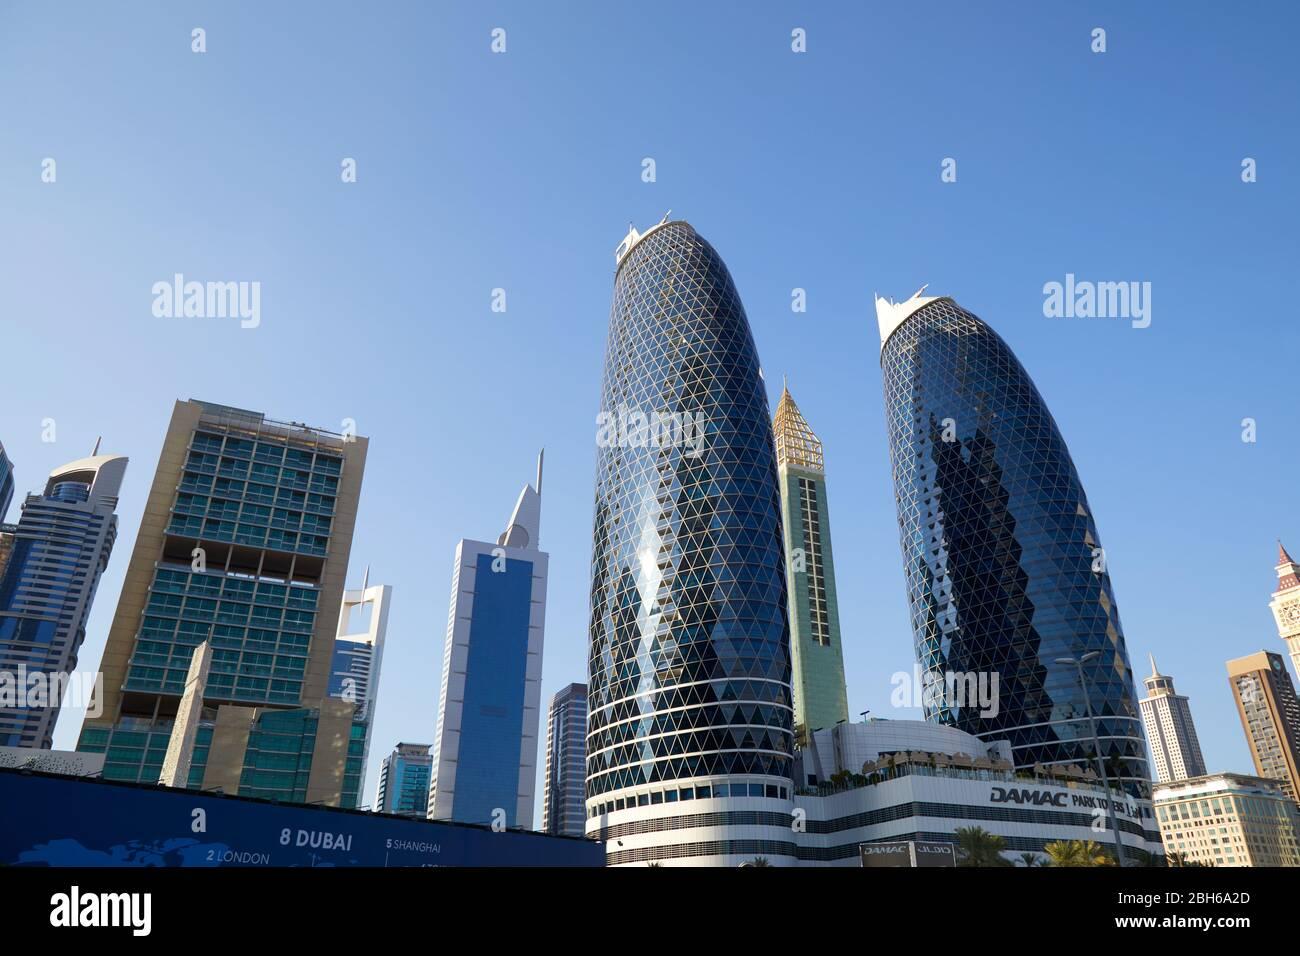 DUBAÏ, EMIRATS ARABES UNIS - 23 NOVEMBRE 2019 : quartier financier de Dubaï, gratte-ciel modernes en une journée ensoleillée, ciel bleu Banque D'Images